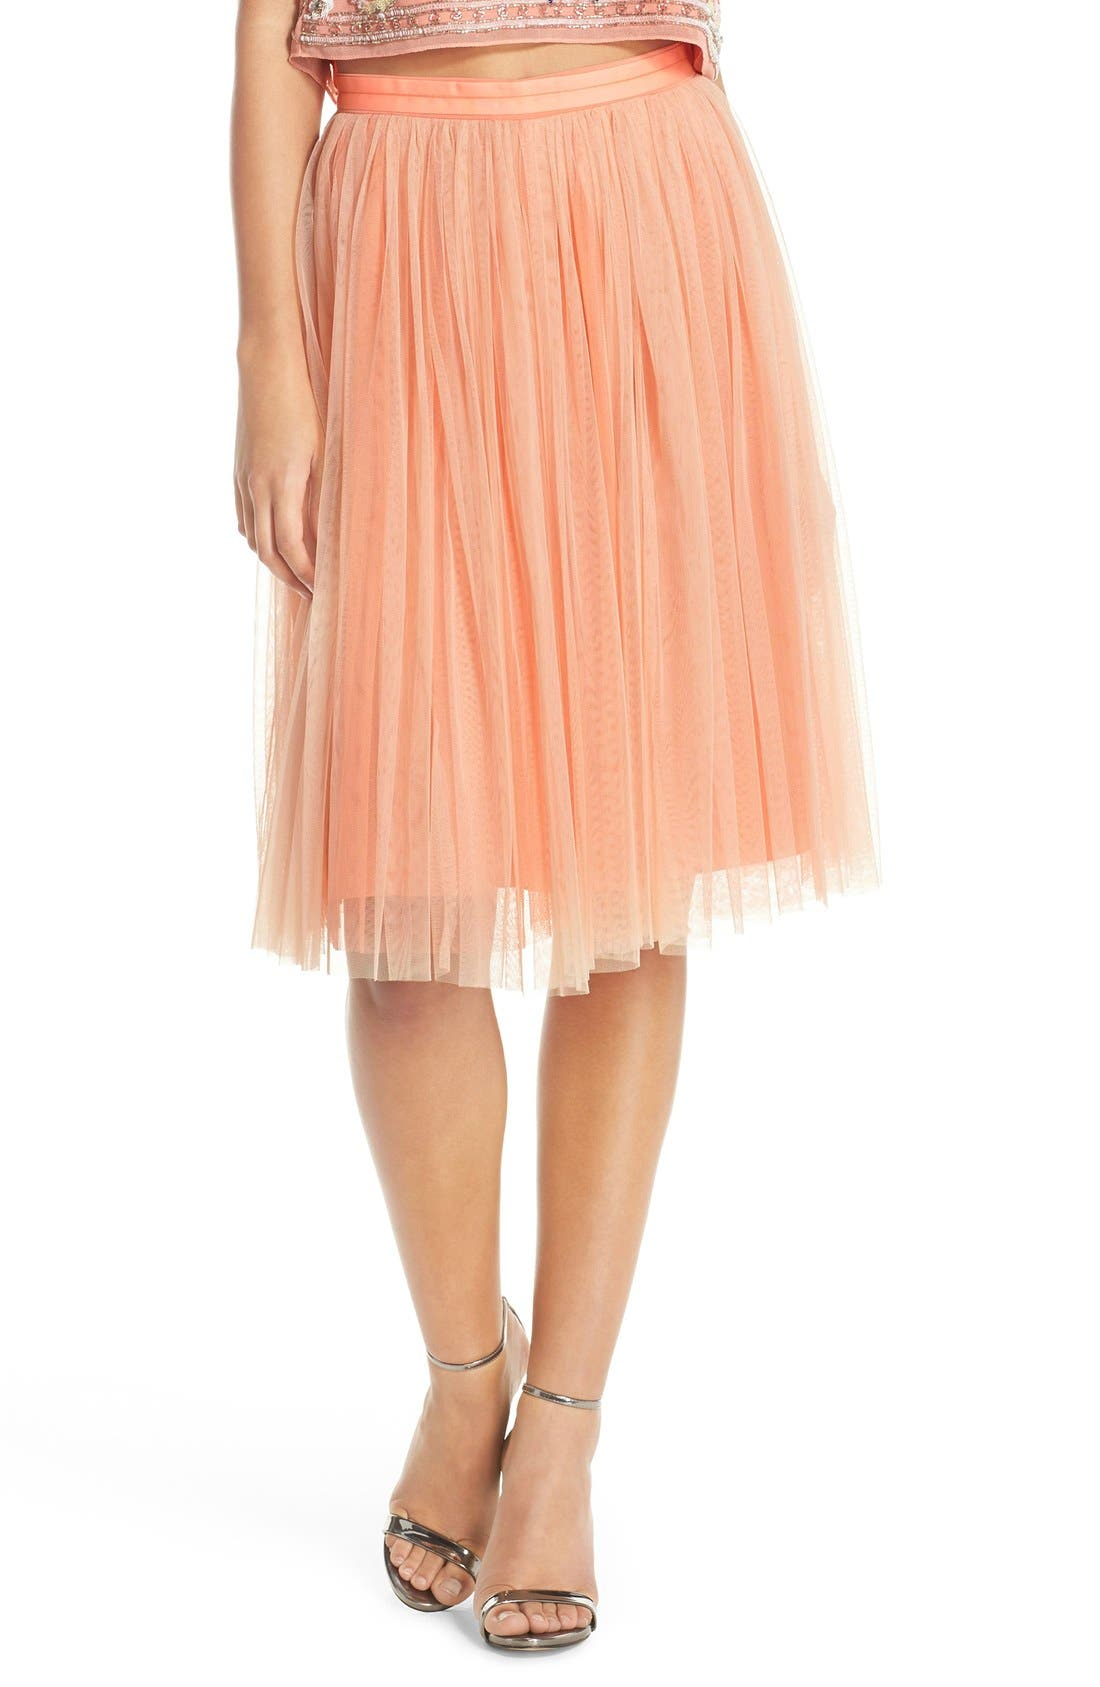 Alternate Image 1 Selected - Needle & Thread Tulle Midi Skirt